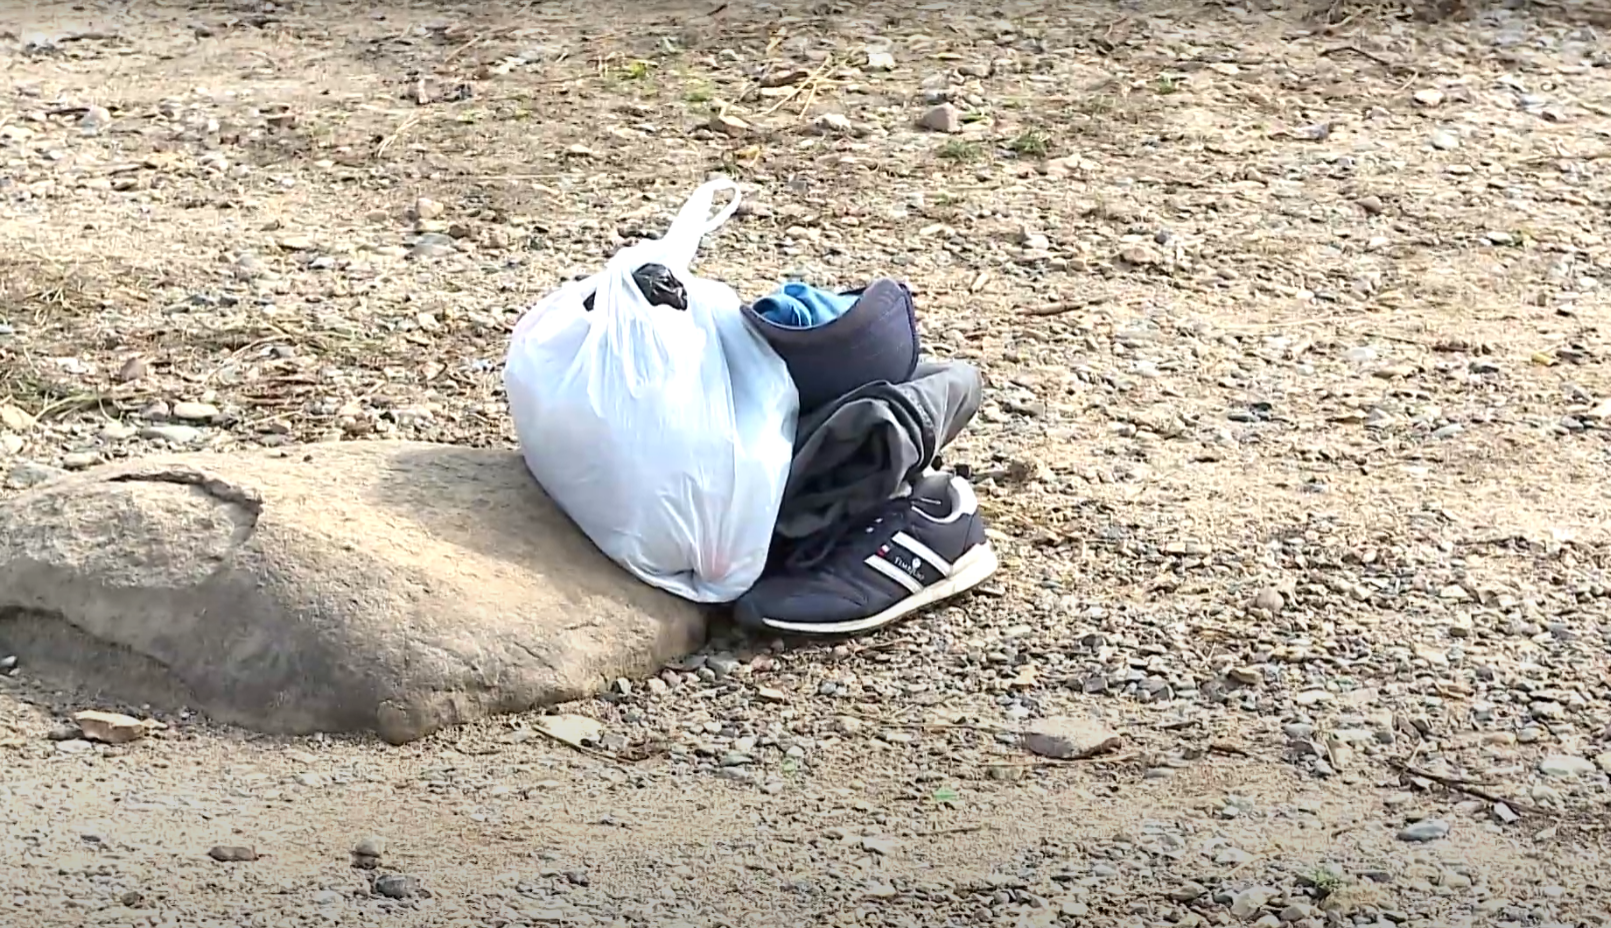 Только в Череповце за этот летний сезон - уже двое утонувших